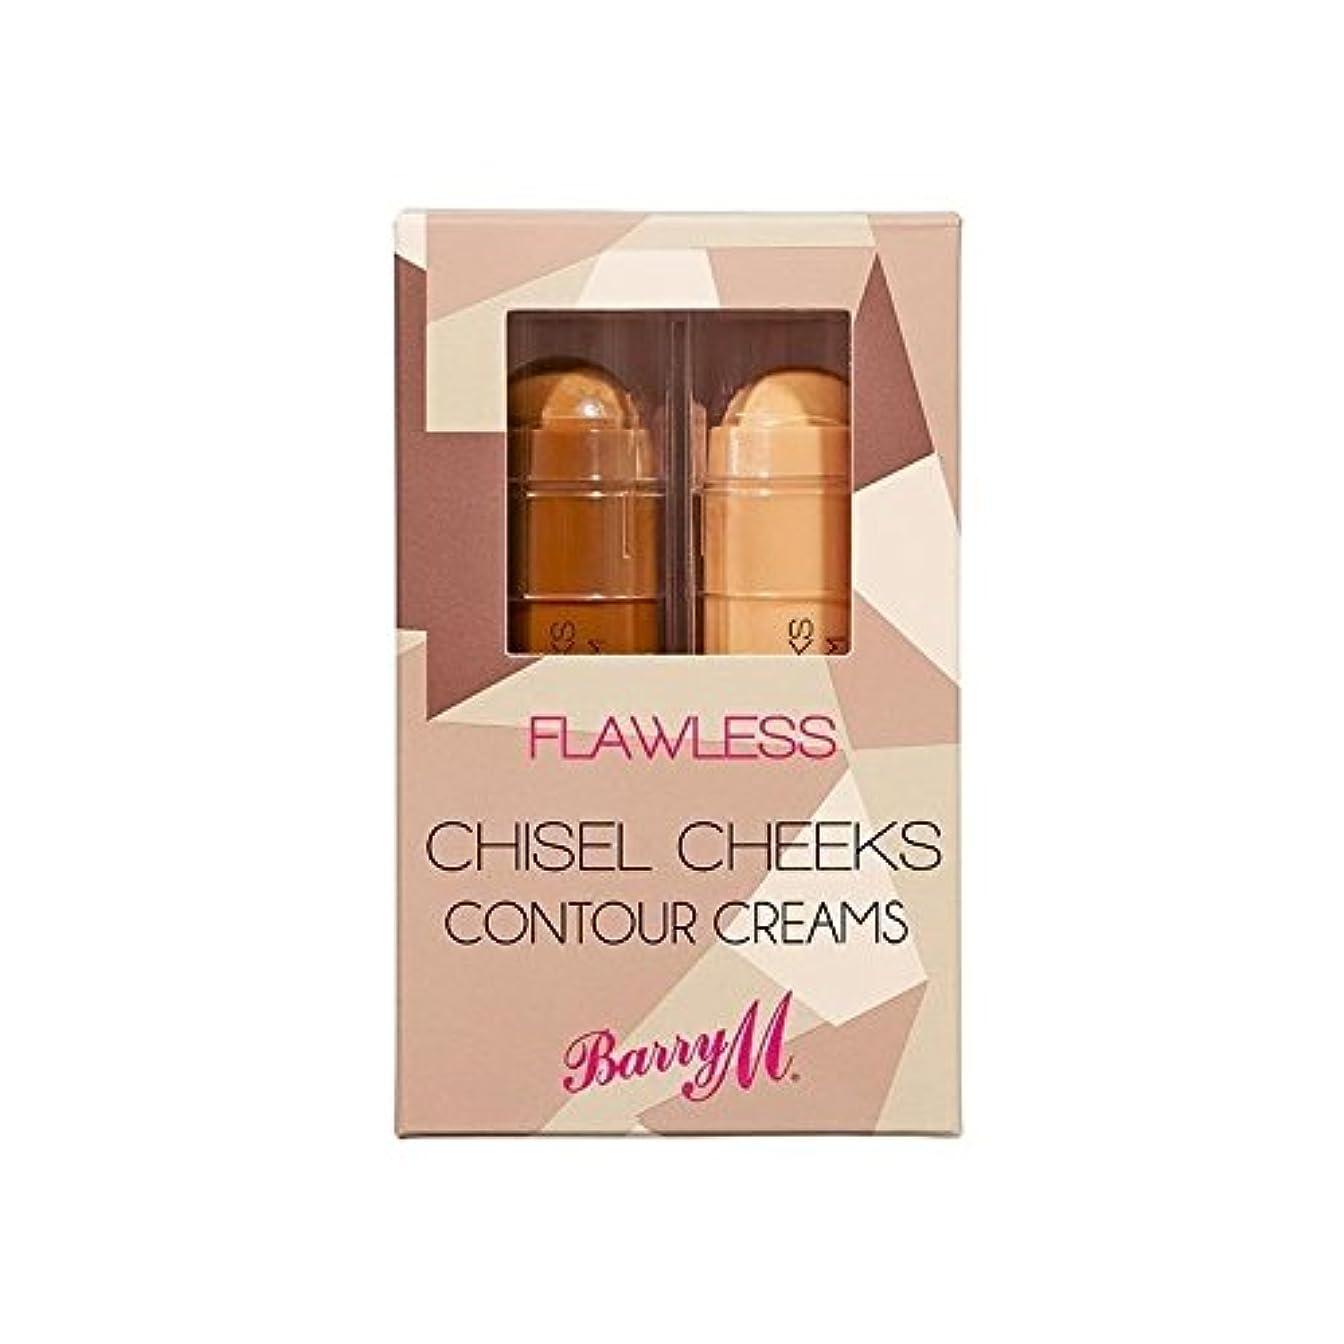 承認するつかの間哀バリーメートルチゼル頬の輪郭クリーム x4 - Barry M Chisel Cheek Contour Creams (Pack of 4) [並行輸入品]